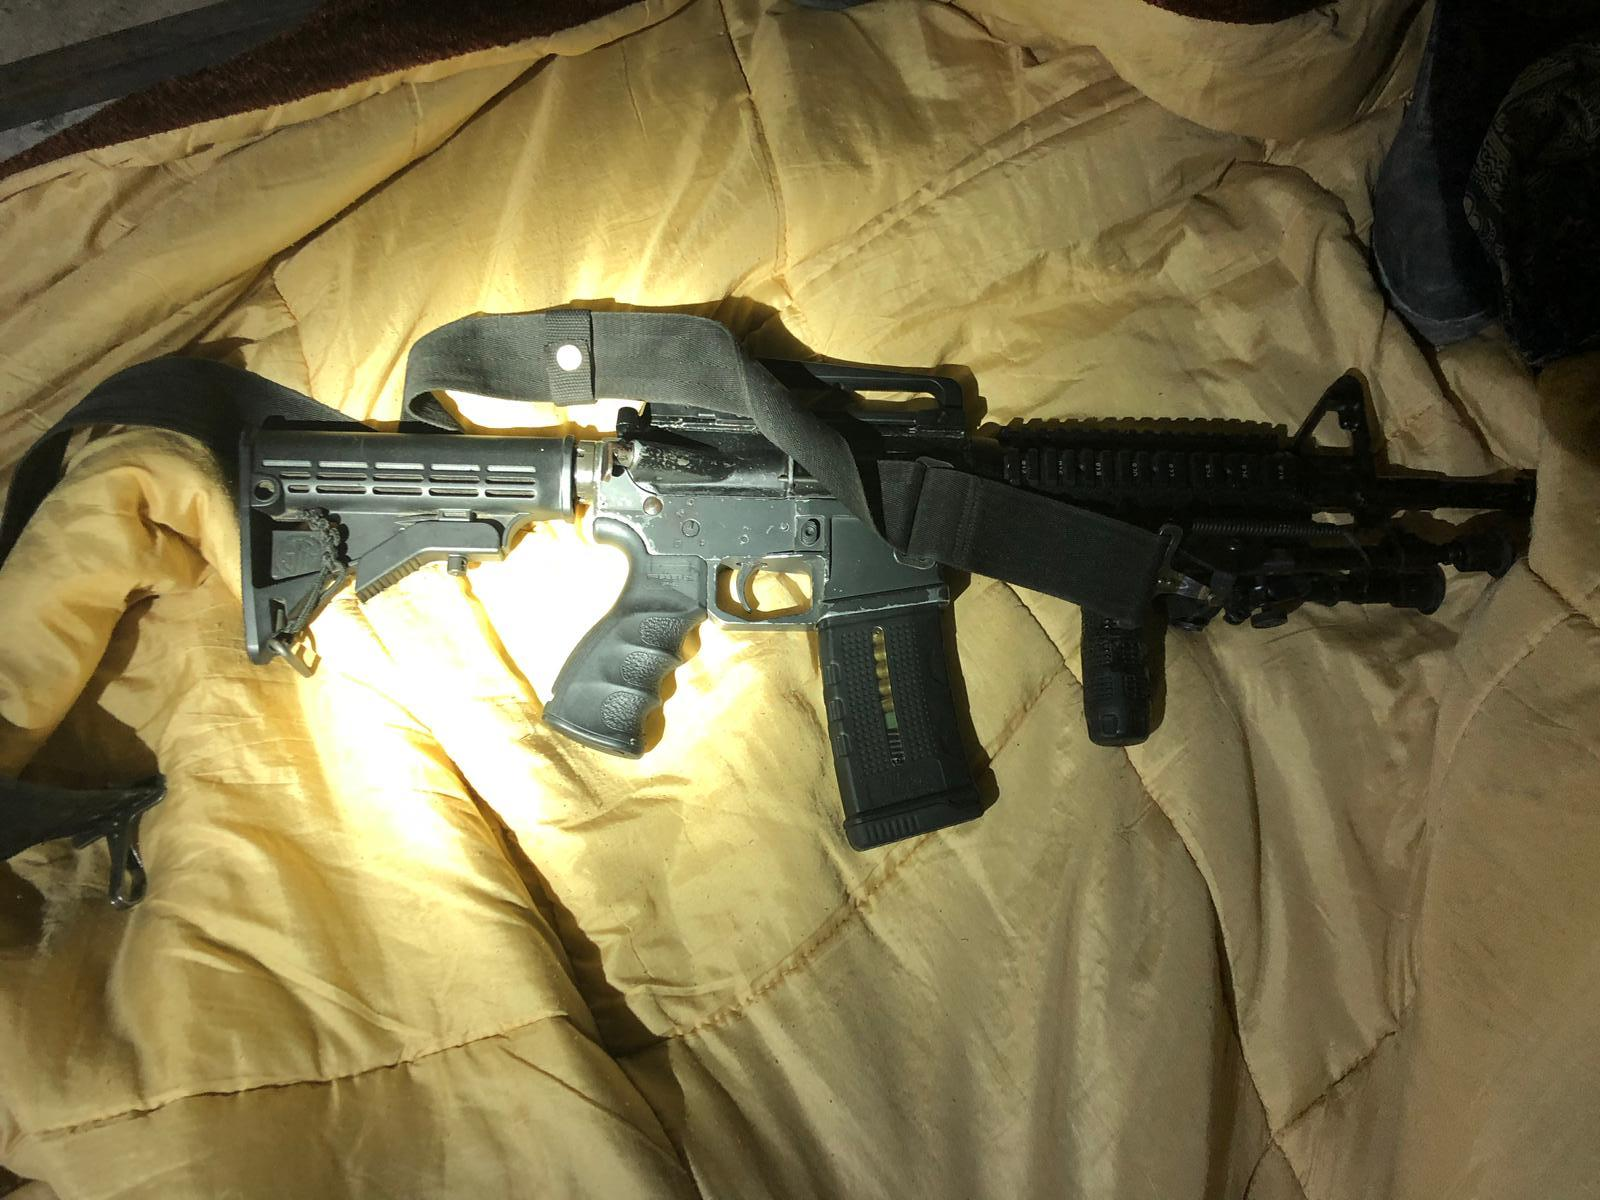 הנשק שנתפס. צילום: דוברות המשטרה